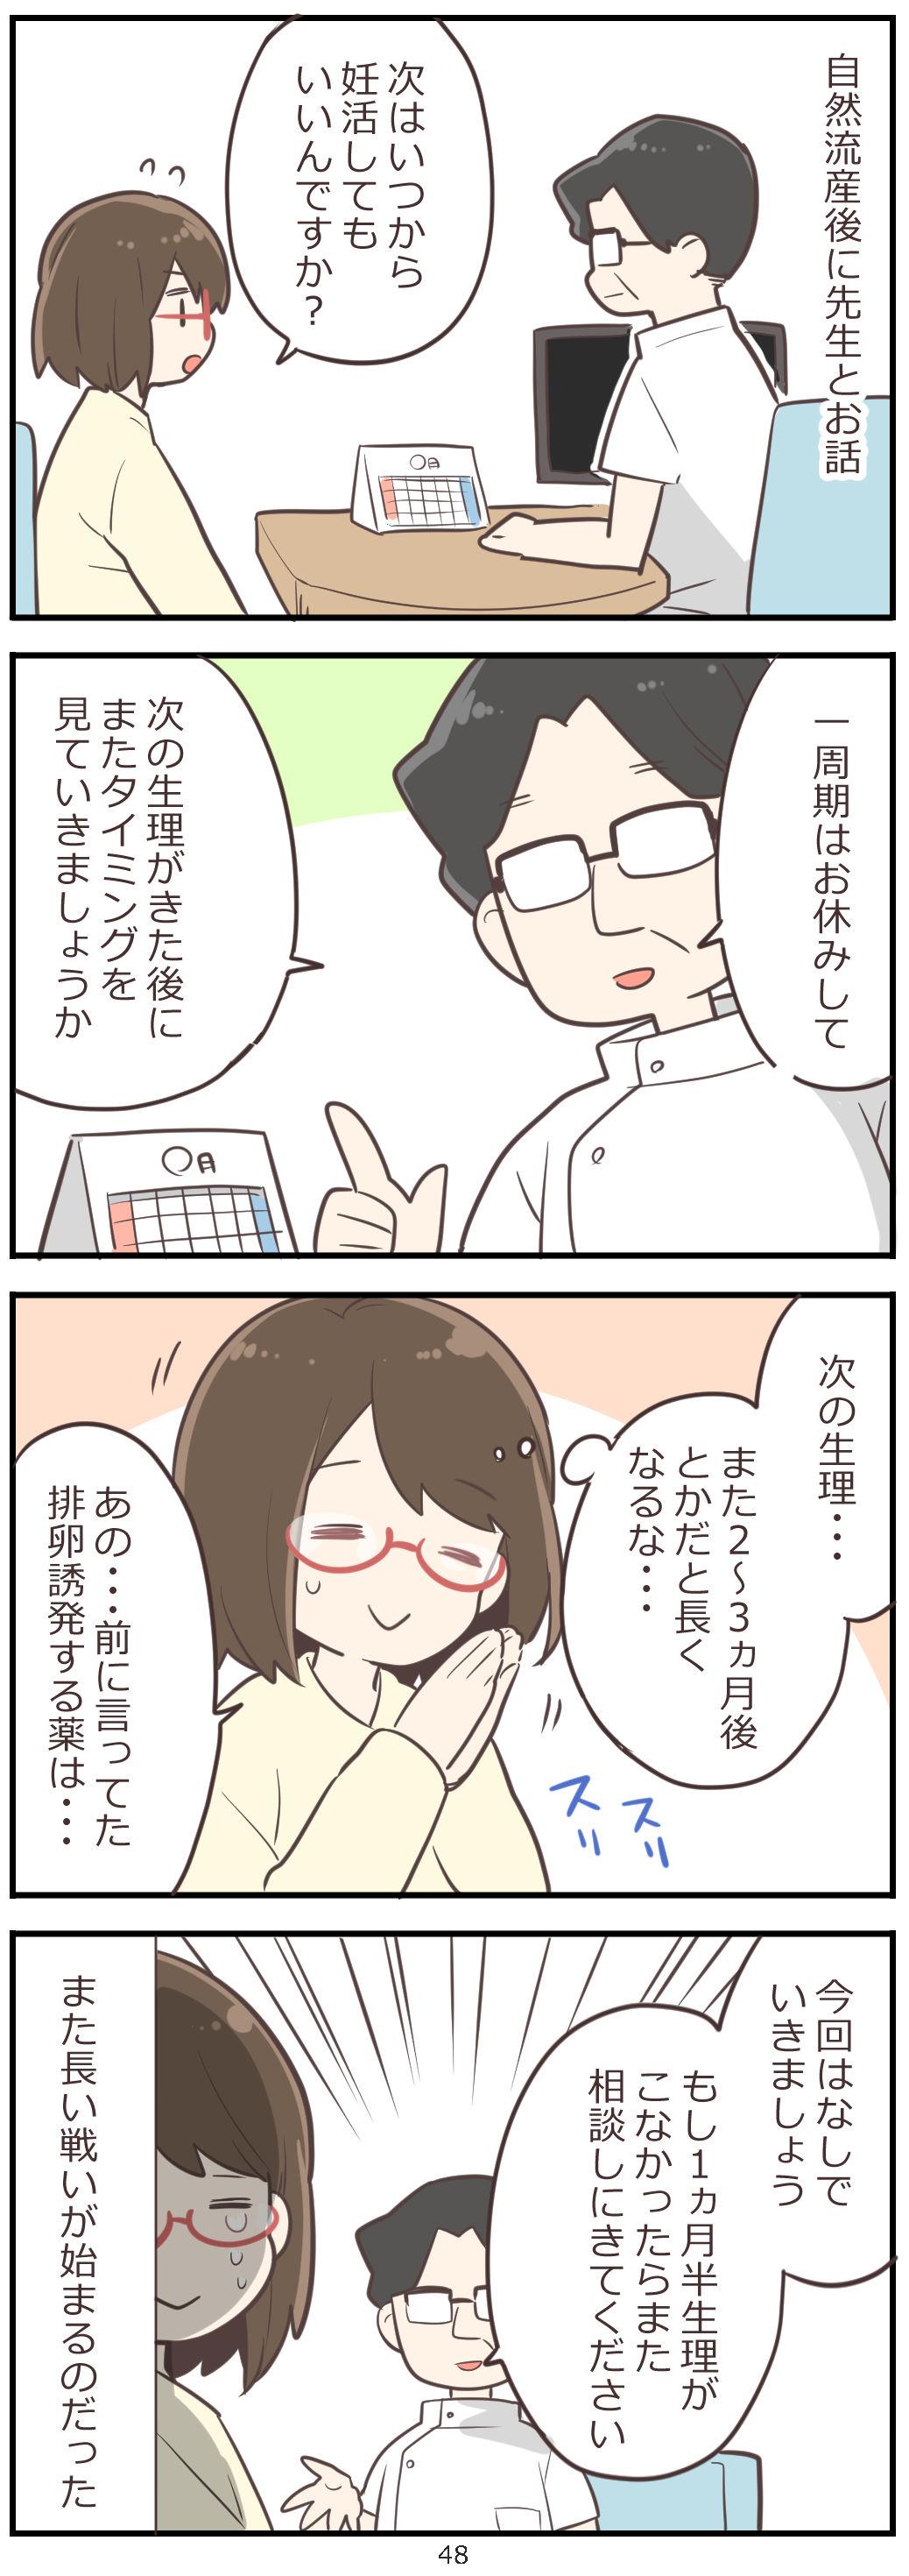 「妊活レベル1 まっふの冒険記」第48話